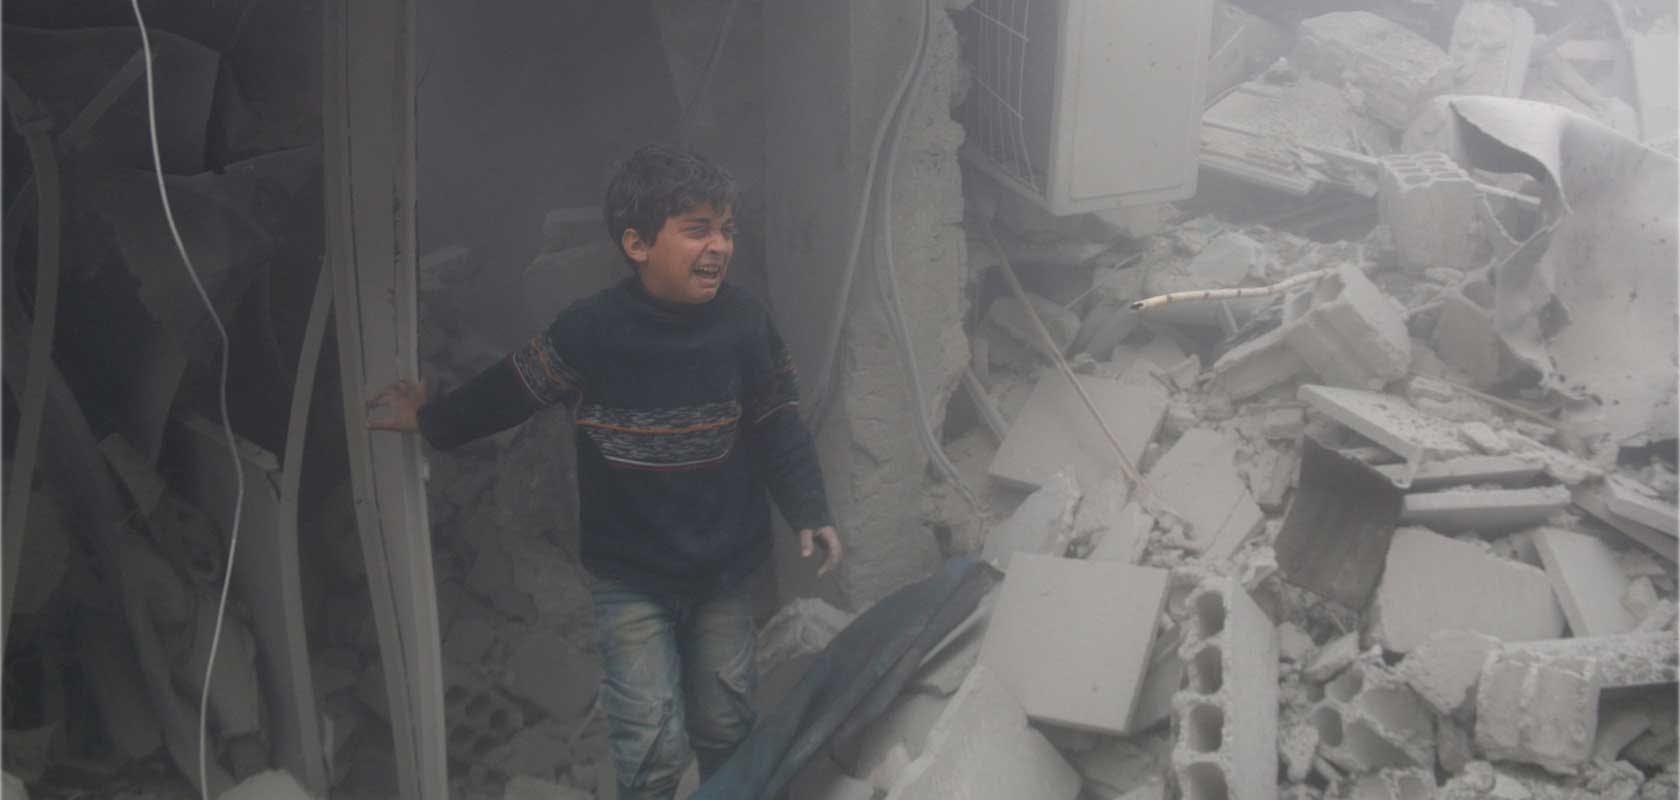 Jeune garçon dans les décombres après un bombardement sur Arbin. 20/02/2018  © Ammar Al Bushy/Anadolu Agency/Getty Images